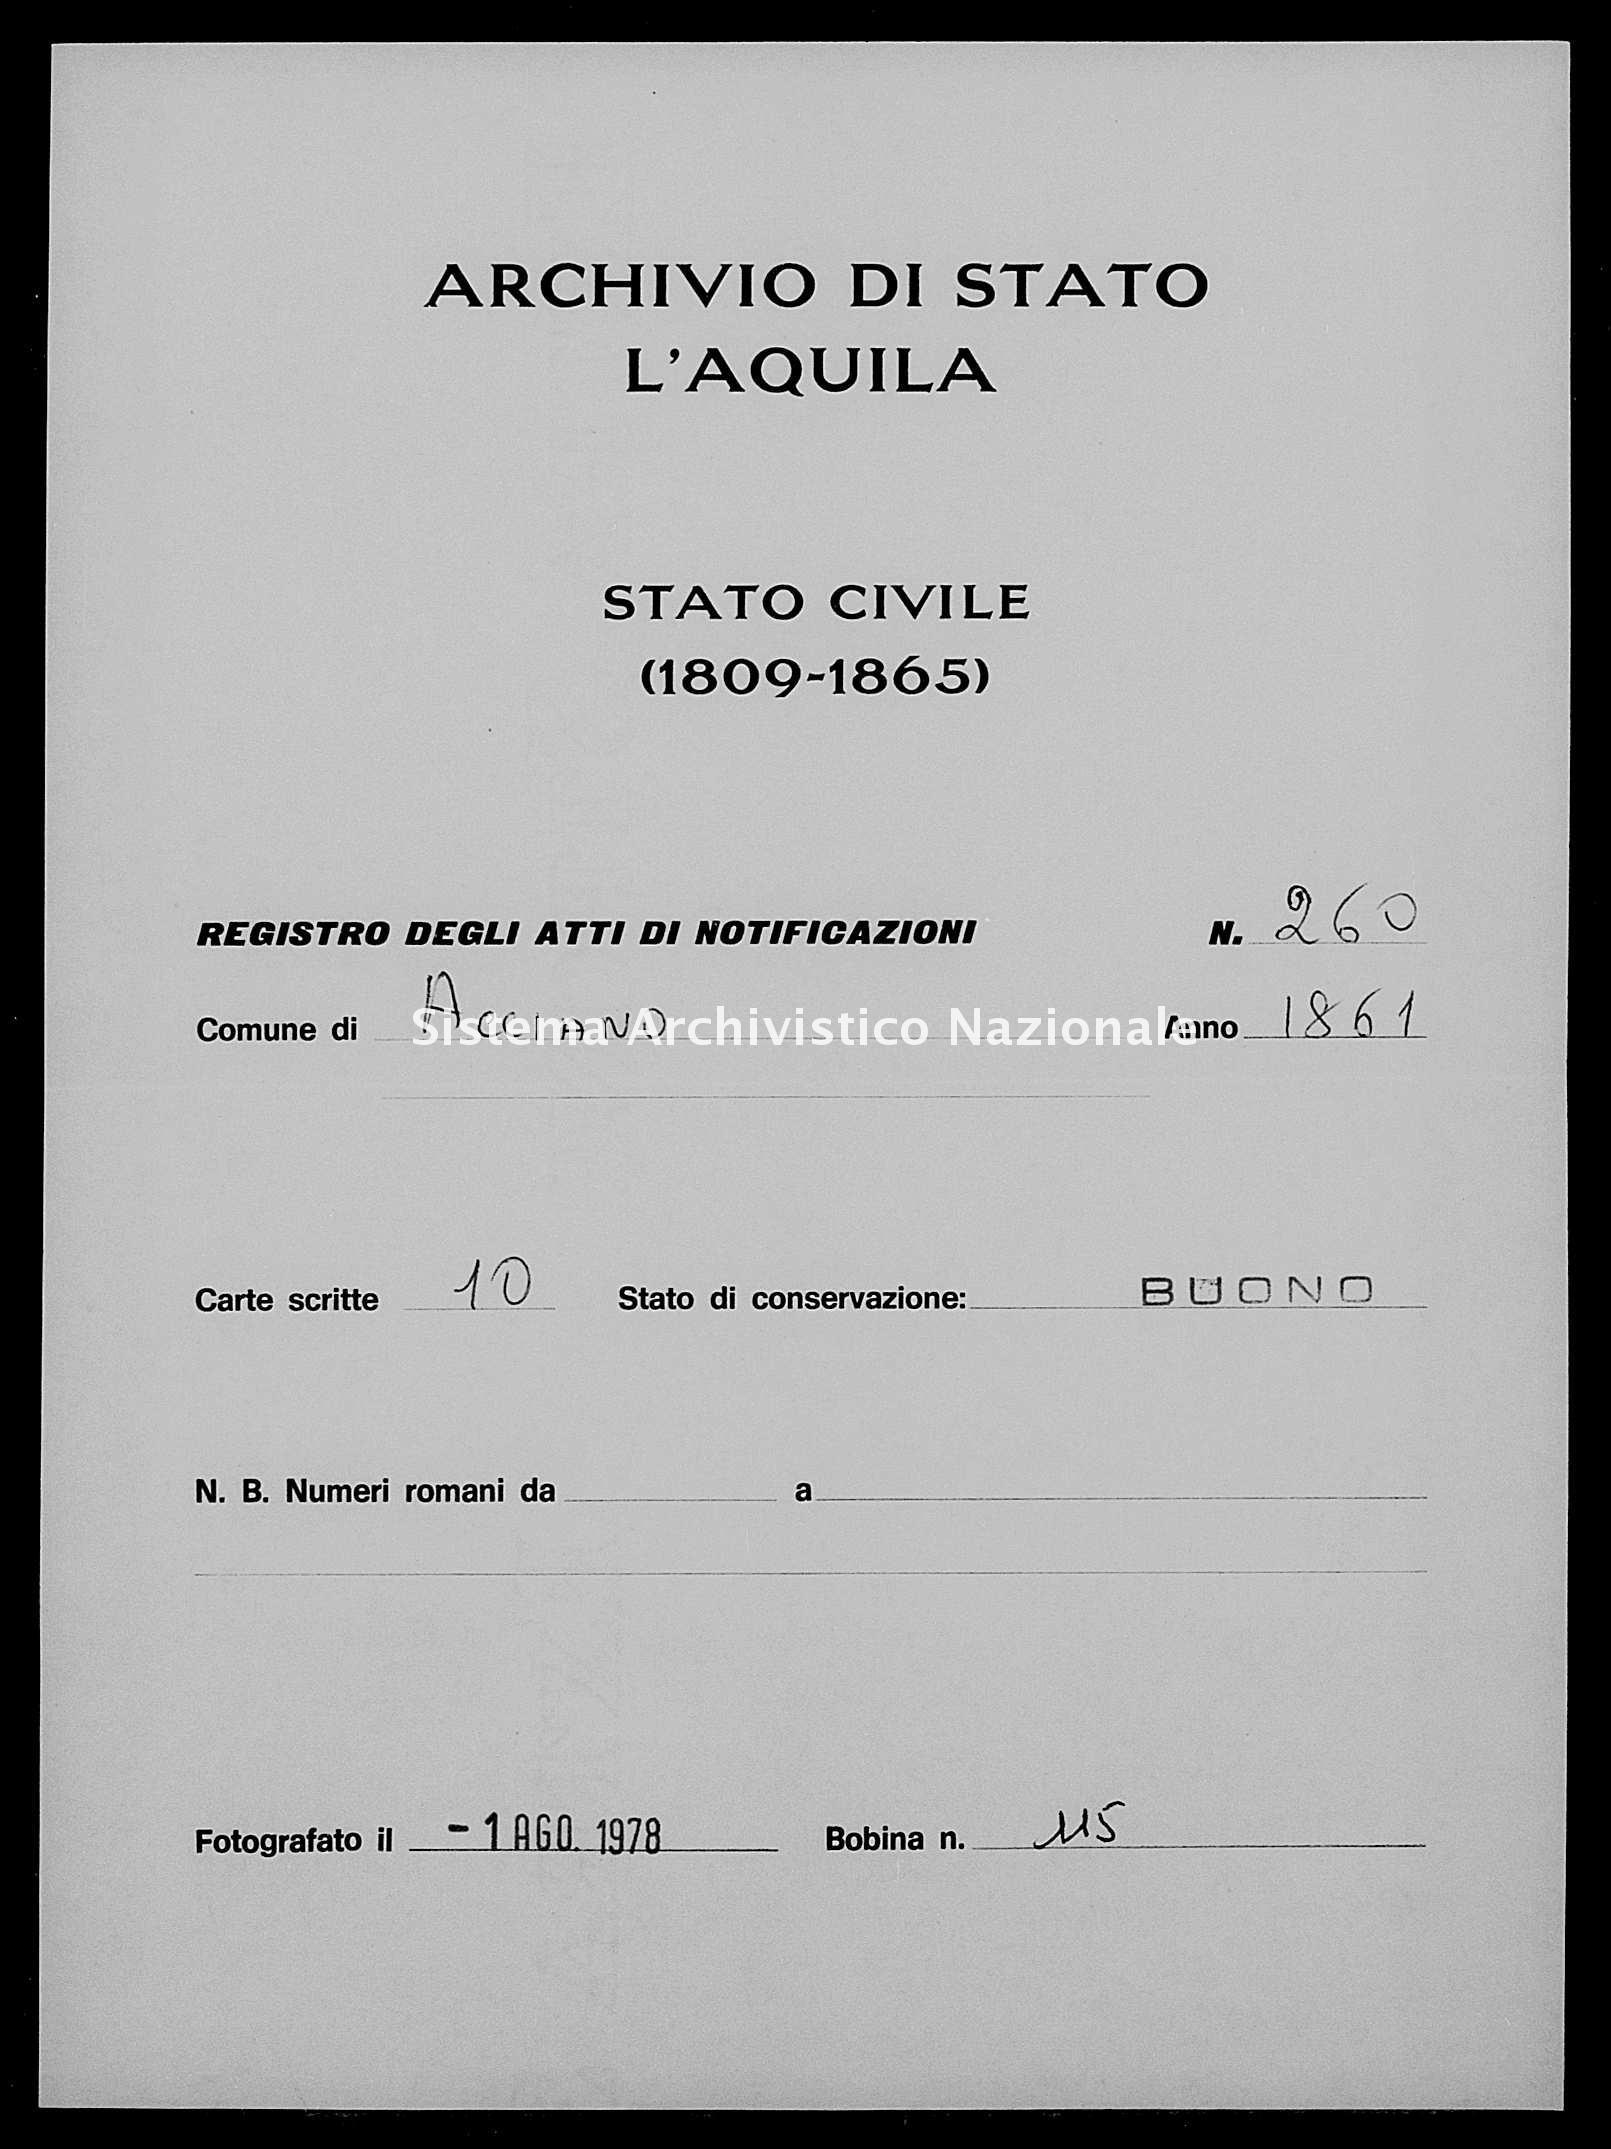 Archivio di stato di L'aquila - Stato civile italiano - Acciano - Matrimoni, memorandum notificazioni ed opposizioni - 1861 - 260 -